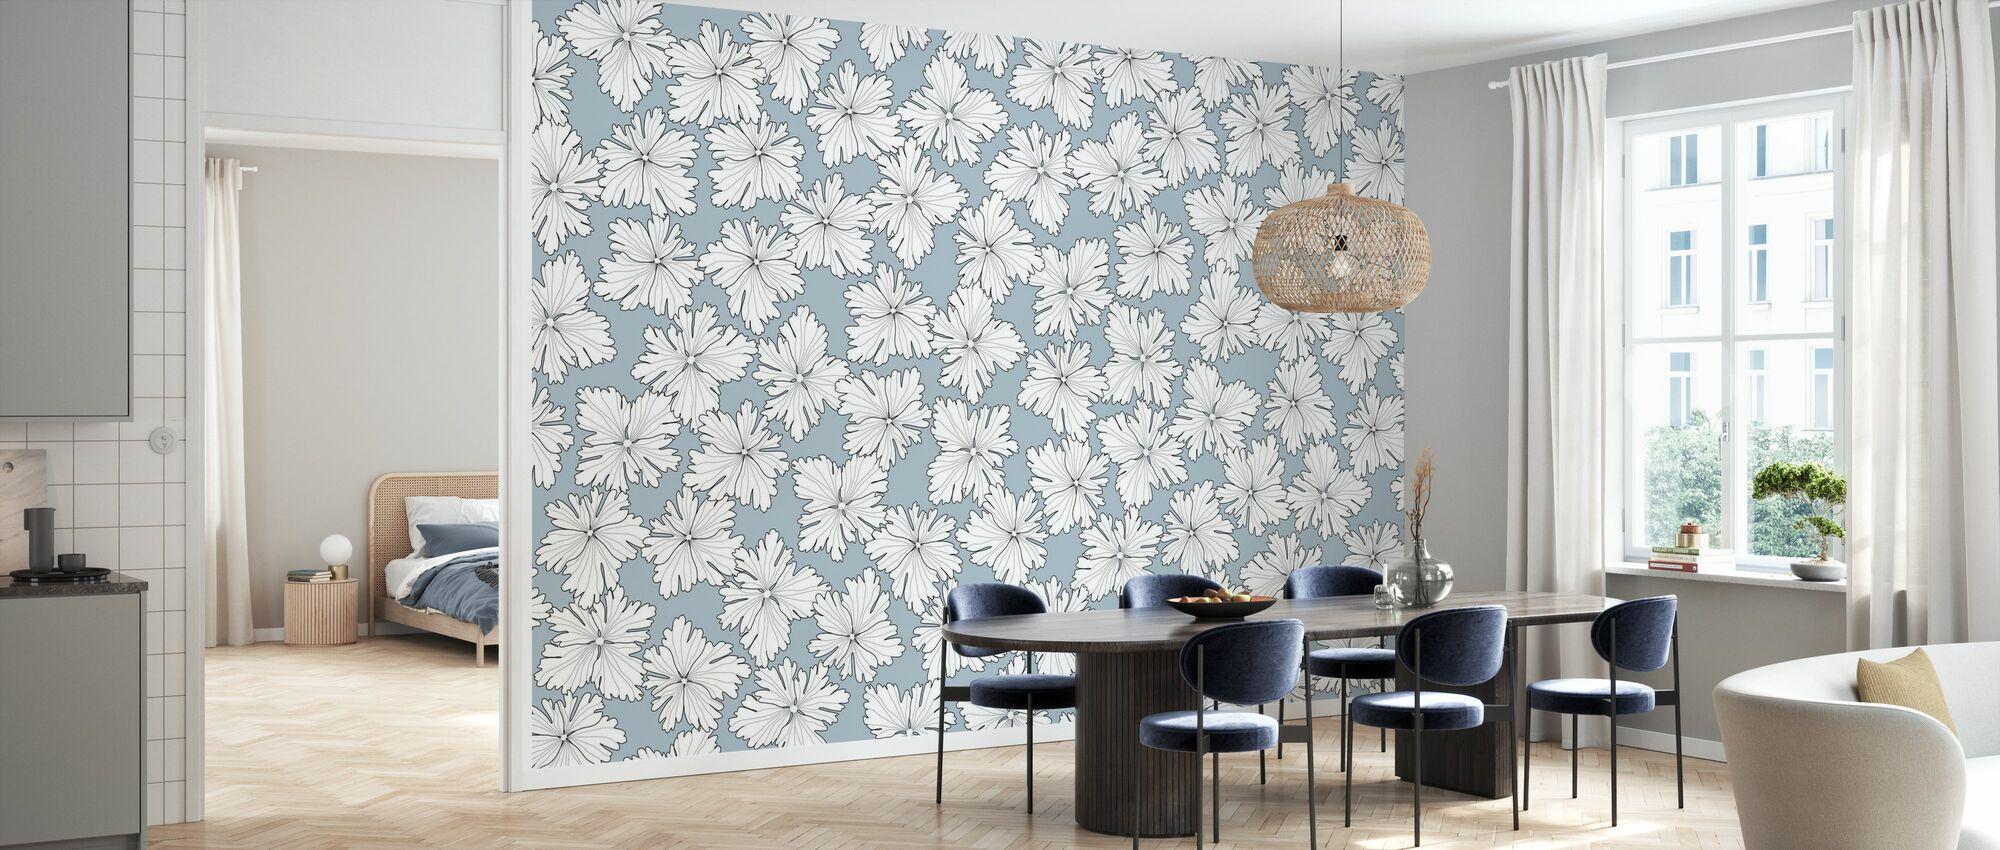 Anemonblad - Bleu - Papier peint - Cuisine